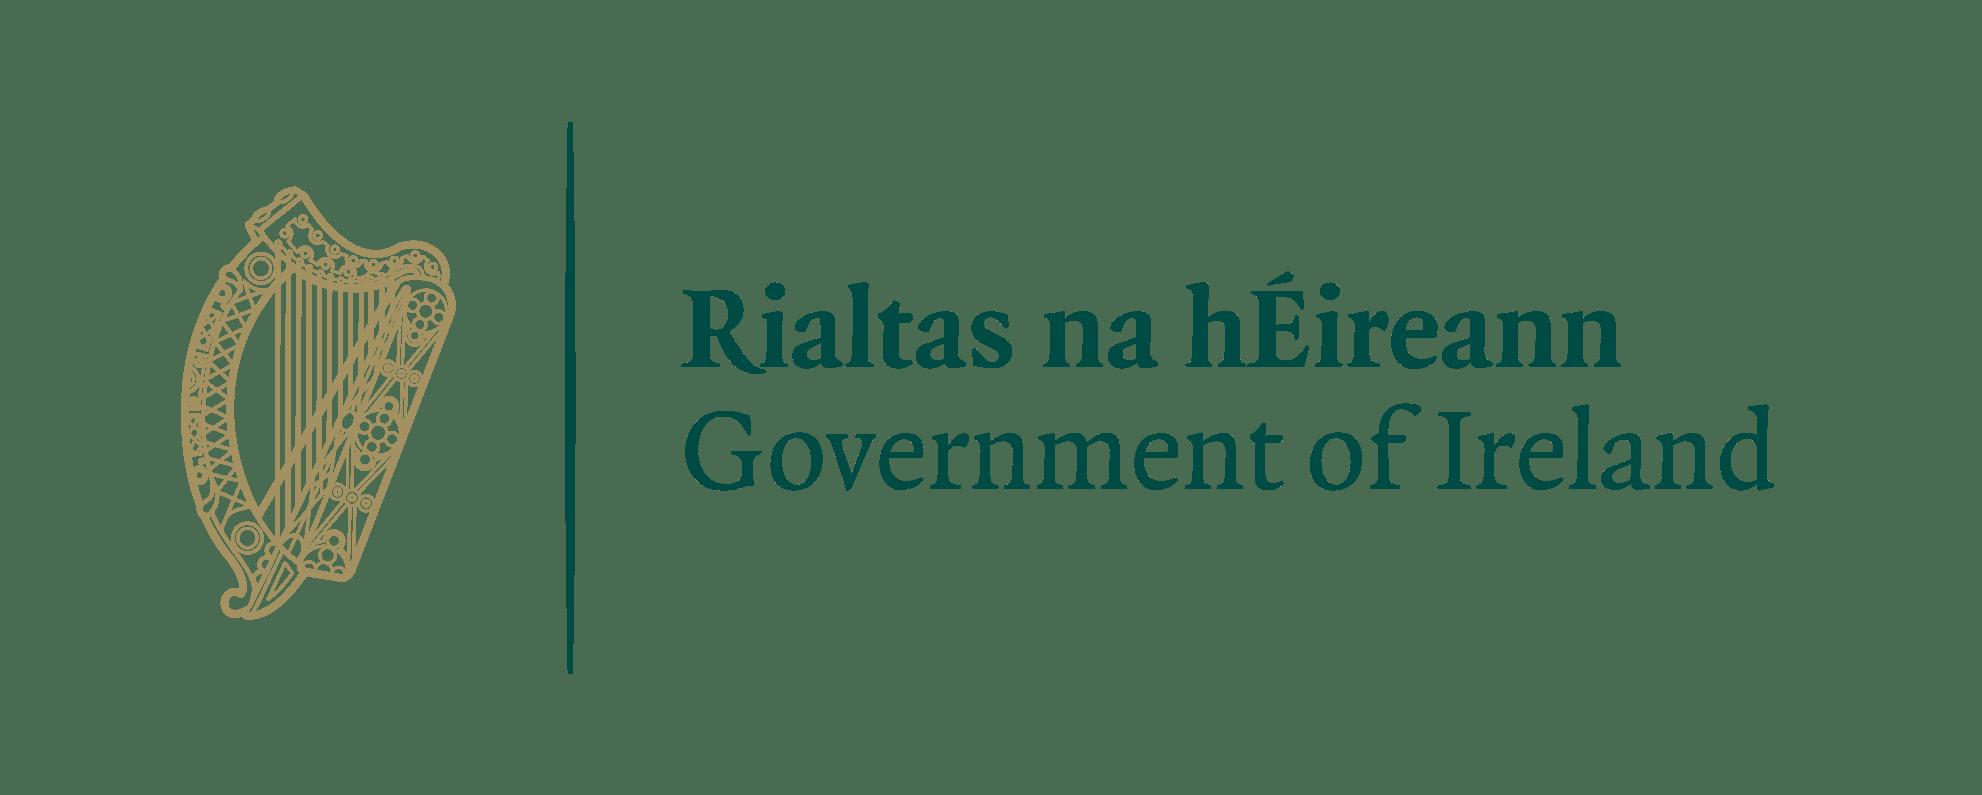 Rialtas_na_hEireann_Std_Colour (2)